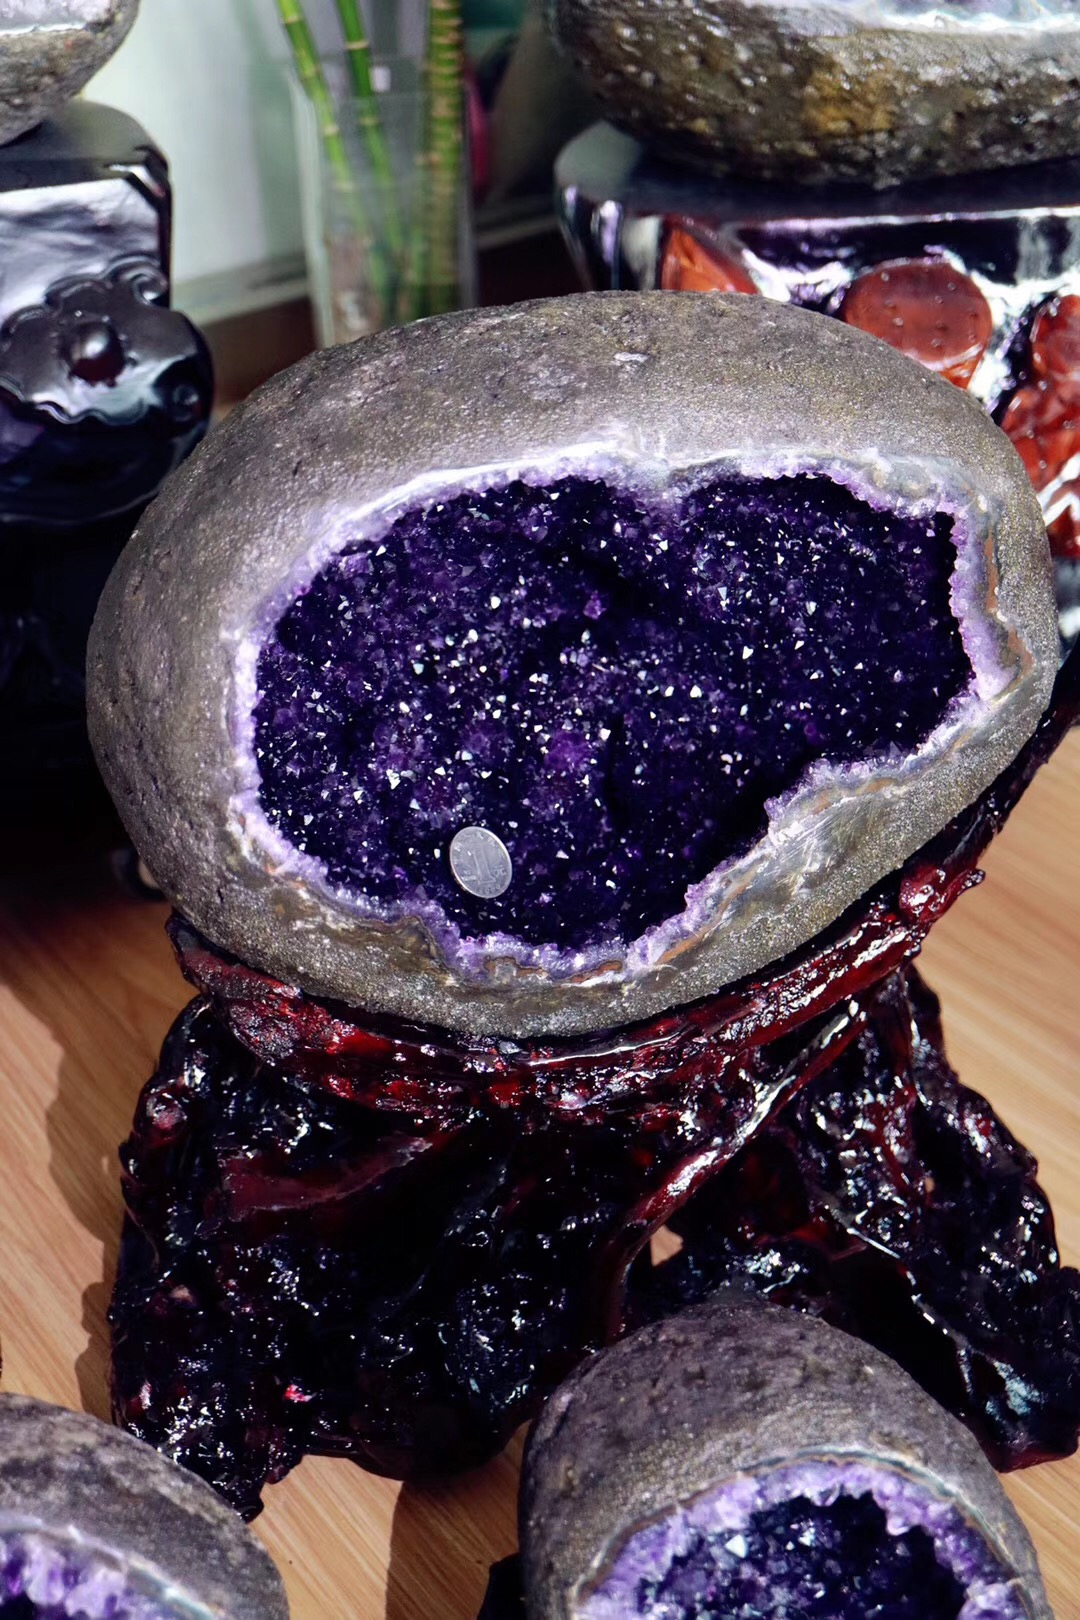 【乌拉圭紫晶洞】刚配好底座的极品乌拉圭紫晶洞-菩心晶舍